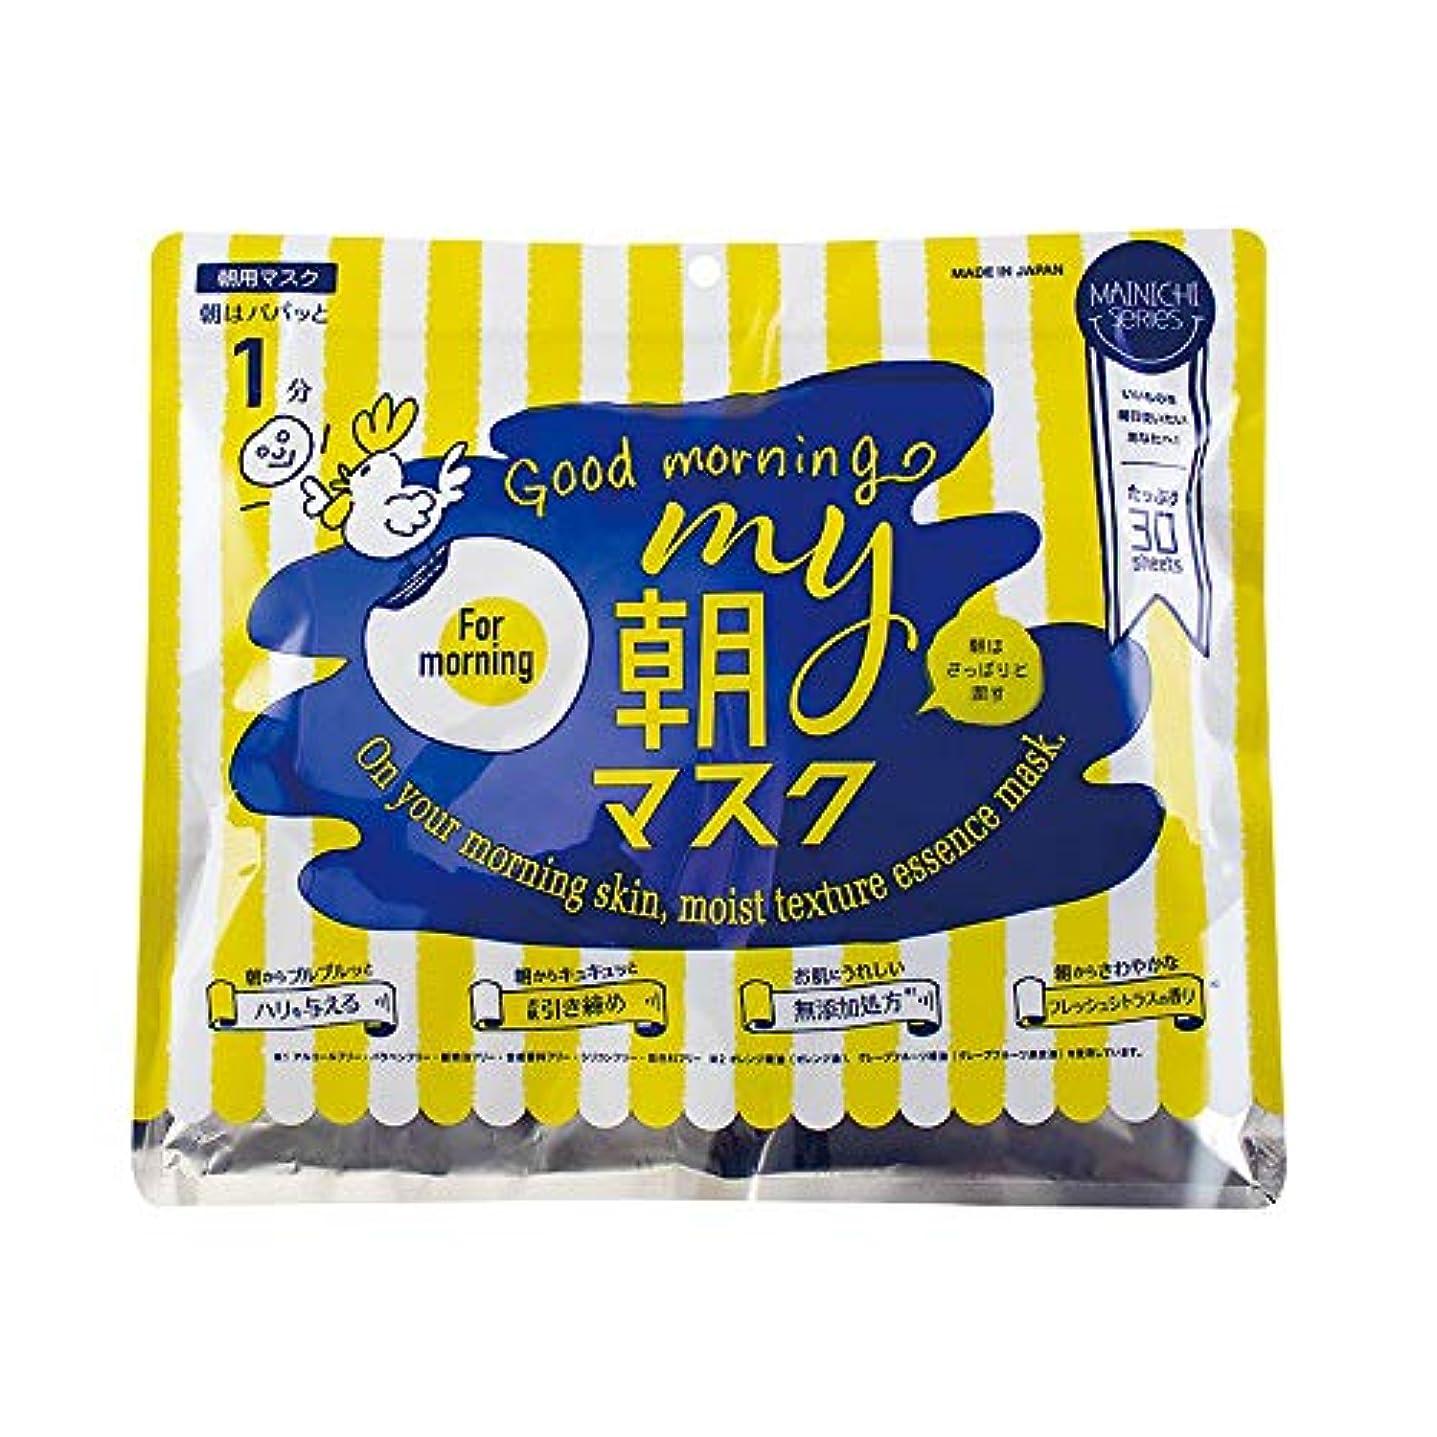 ペダルショット番号MAINICHI(マイニチ) MY朝マスク (30枚入)